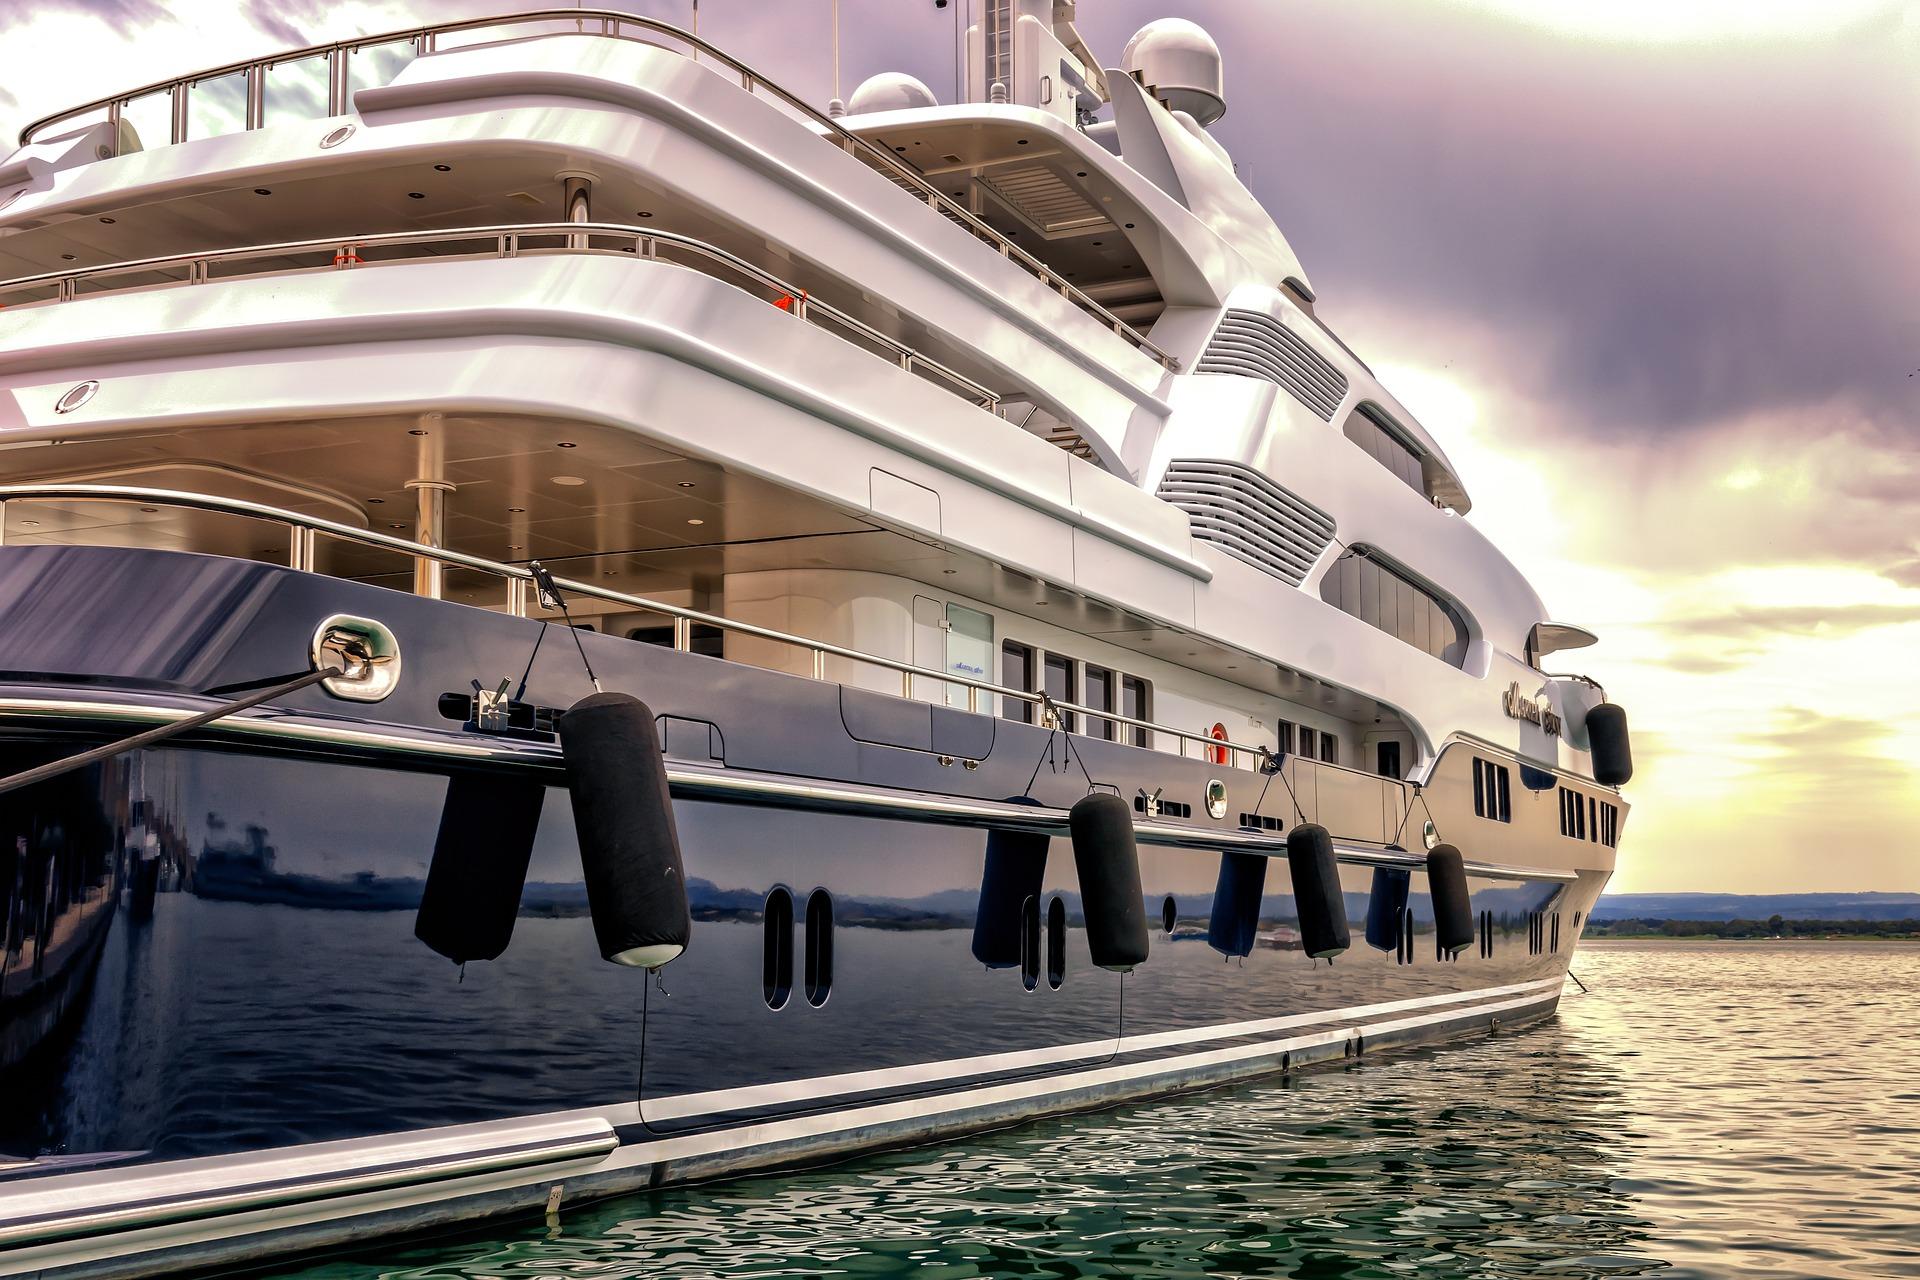 Λιμάνι των κροίσων  είναι η Ελλάδα!